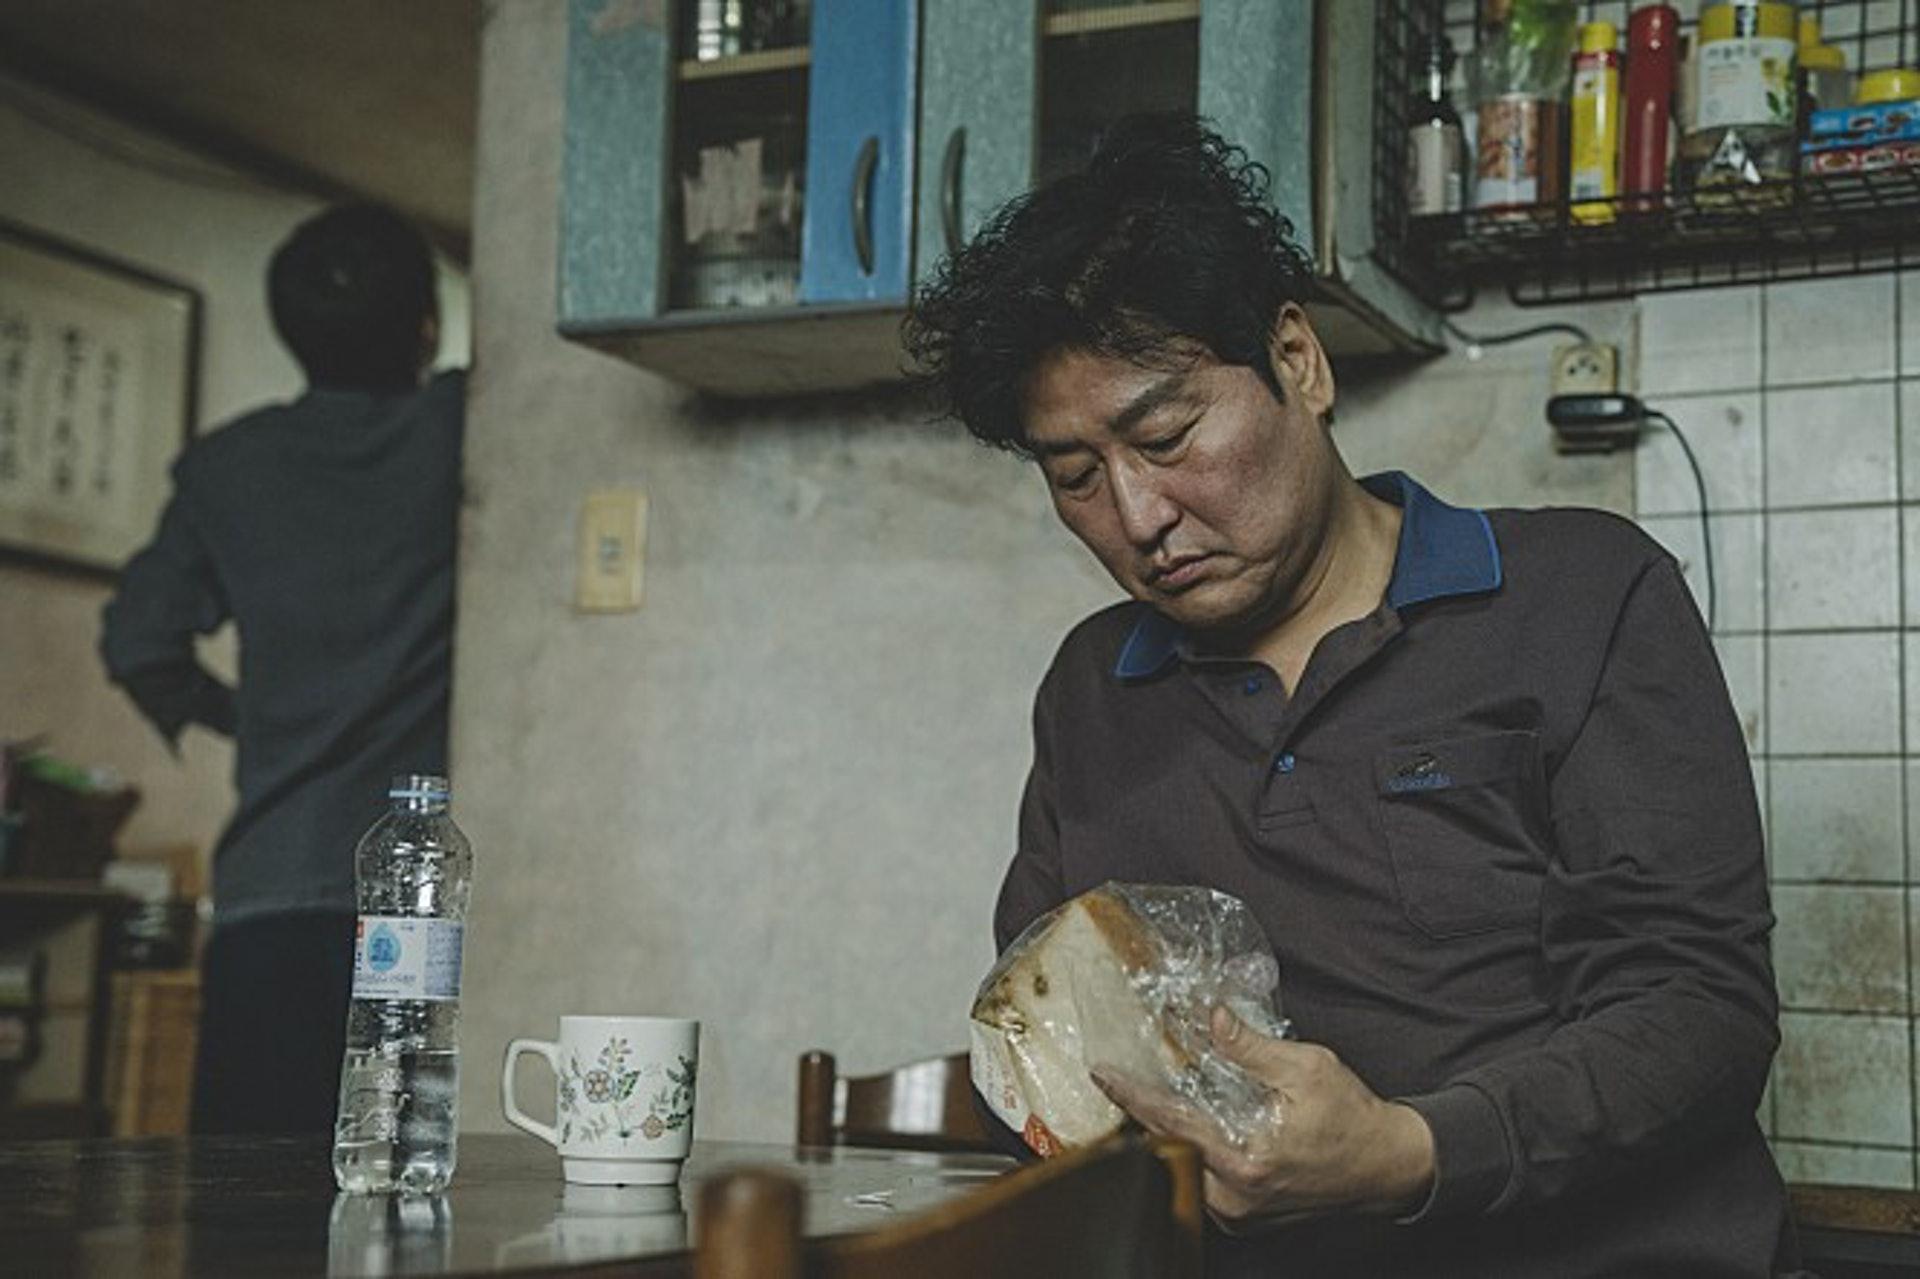 據知警方在櫻田愛實家中廁所的天花板上,發現了犯人吃剩後遺下的麵包包裝。(電影劇照)